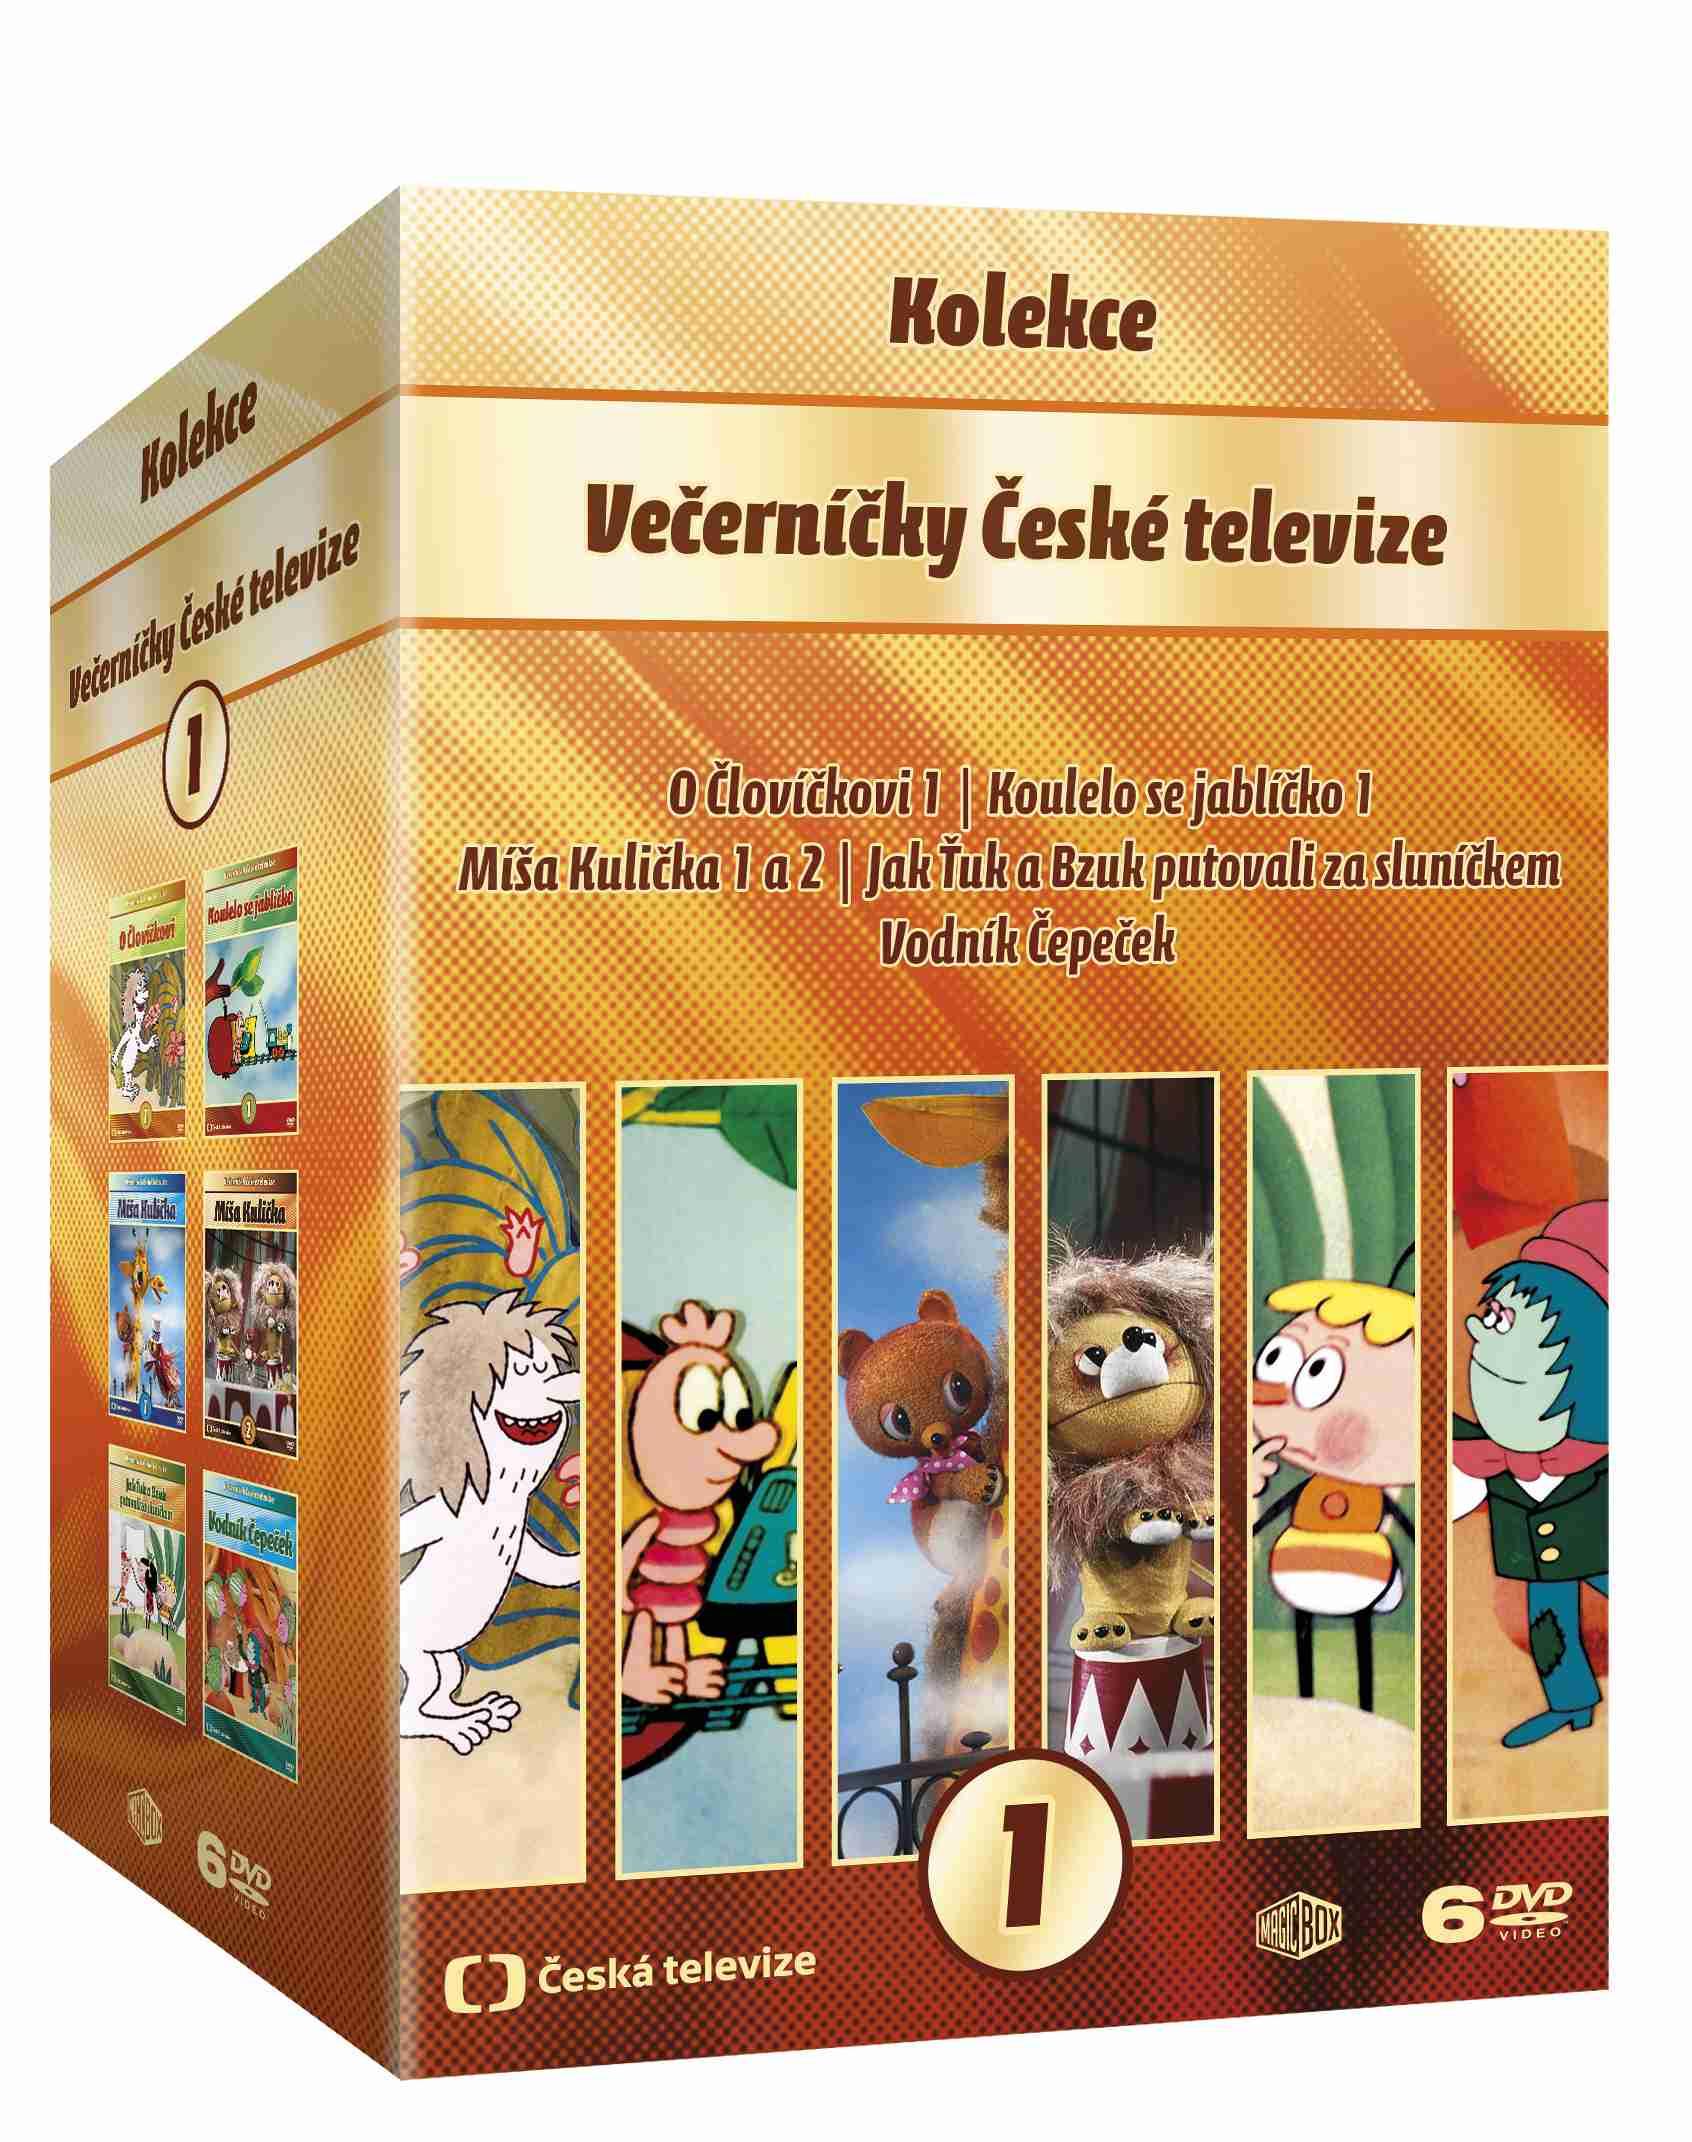 VEČERNÍČKY KOLEKCE - 6 DVD